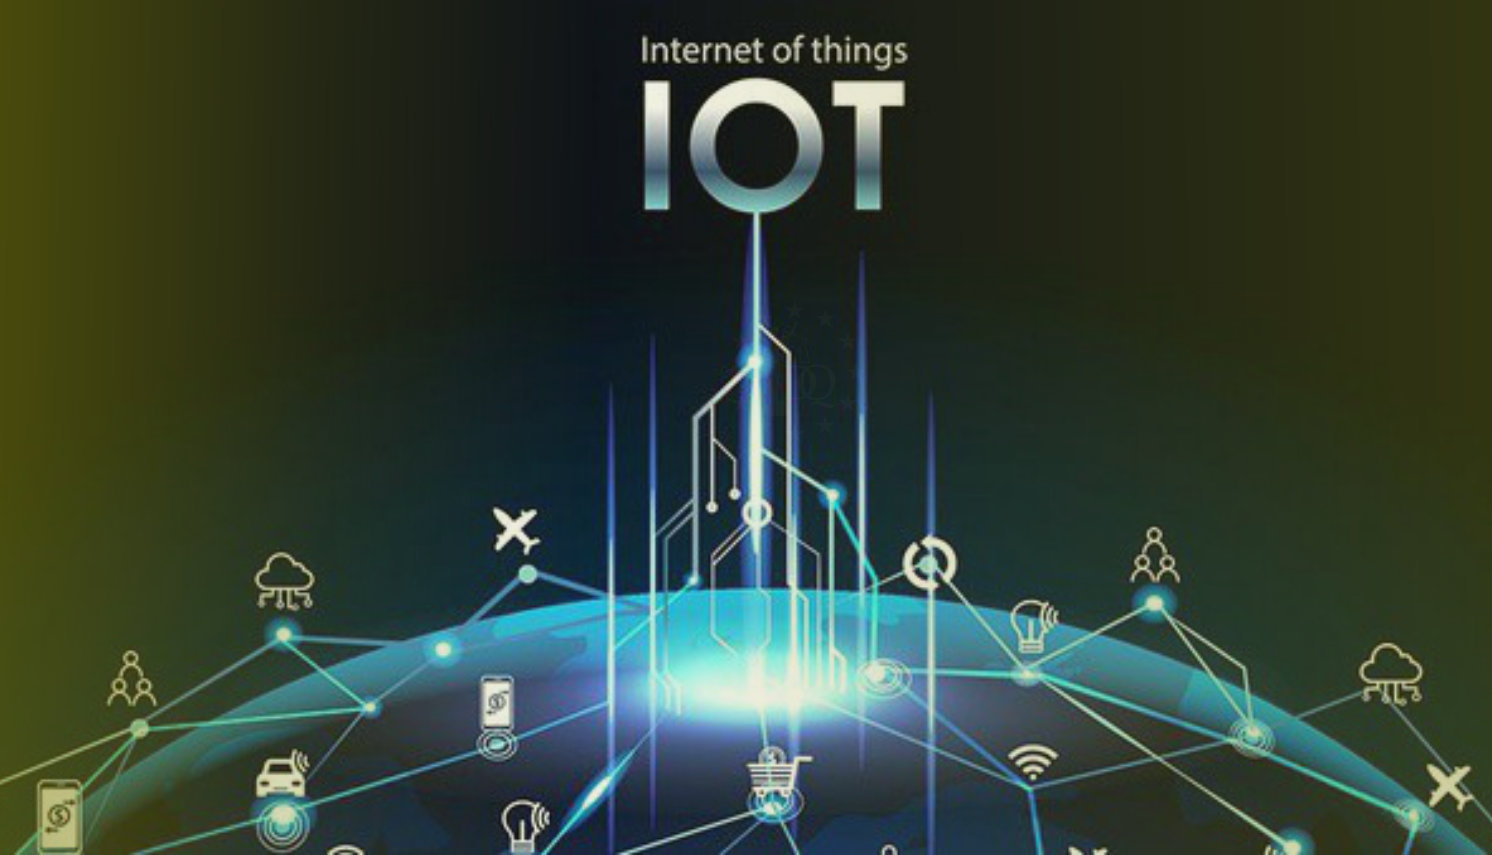 Cuál es el Futuro del Internet de las Cosas Internet of Things